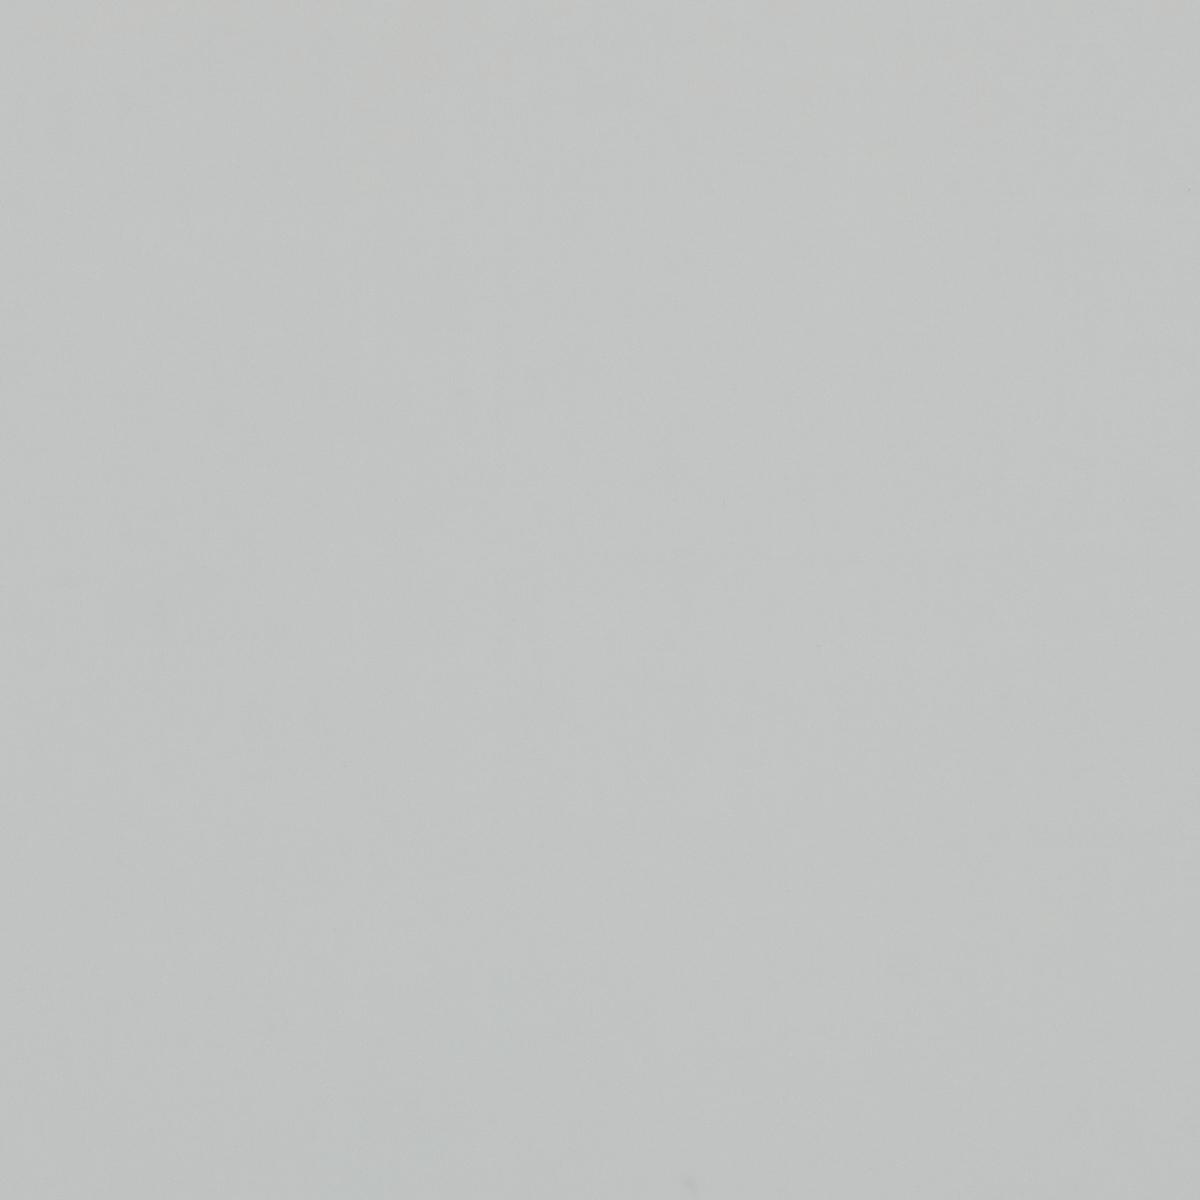 Тонкий шёлковый крепдешин серого цвета